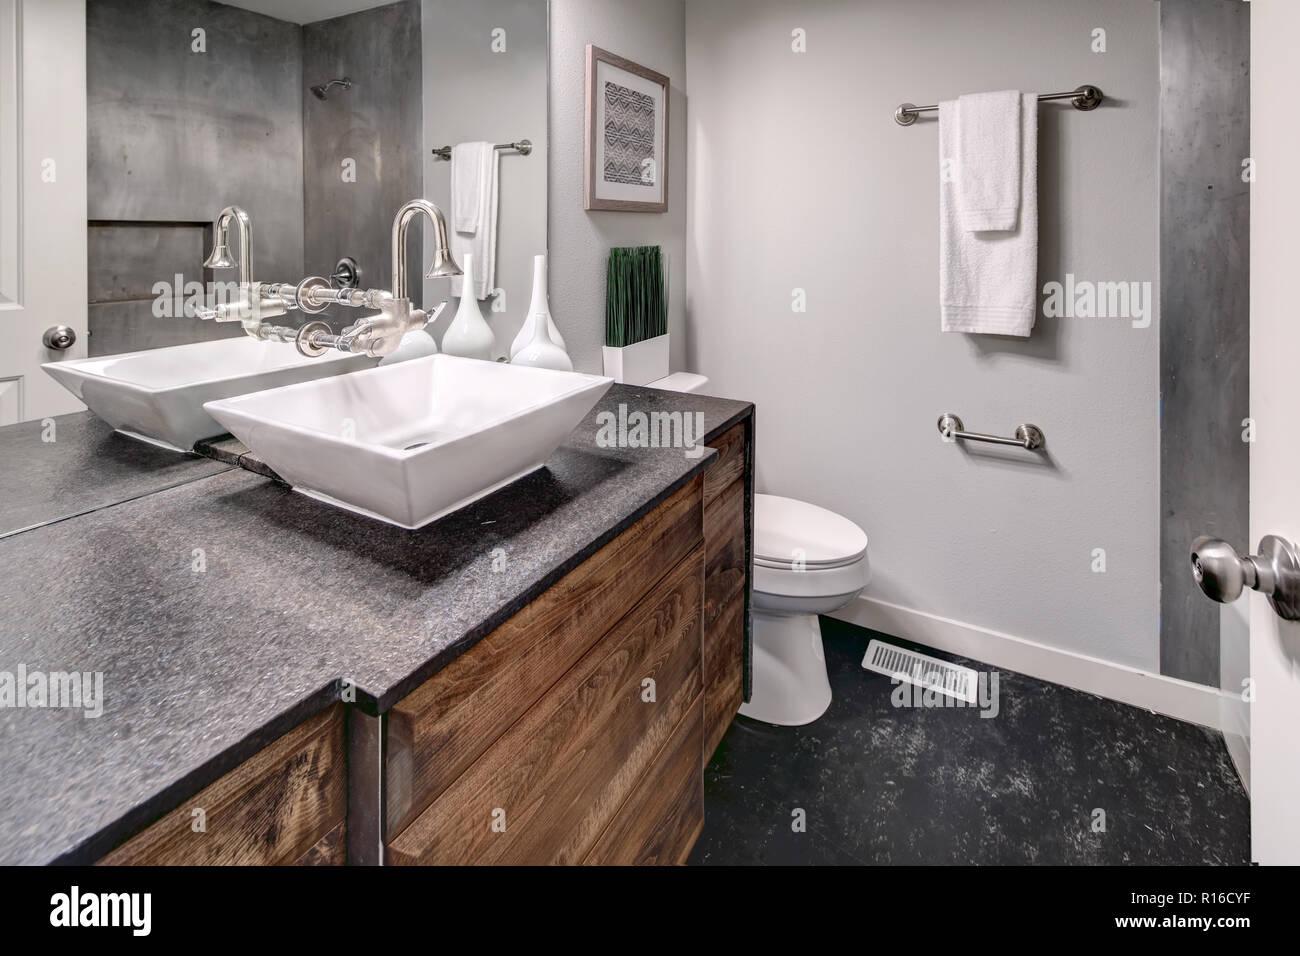 Luxurioses Badezimmer Interieur Bietet Moderne Dunkelgrau Eitelkeit